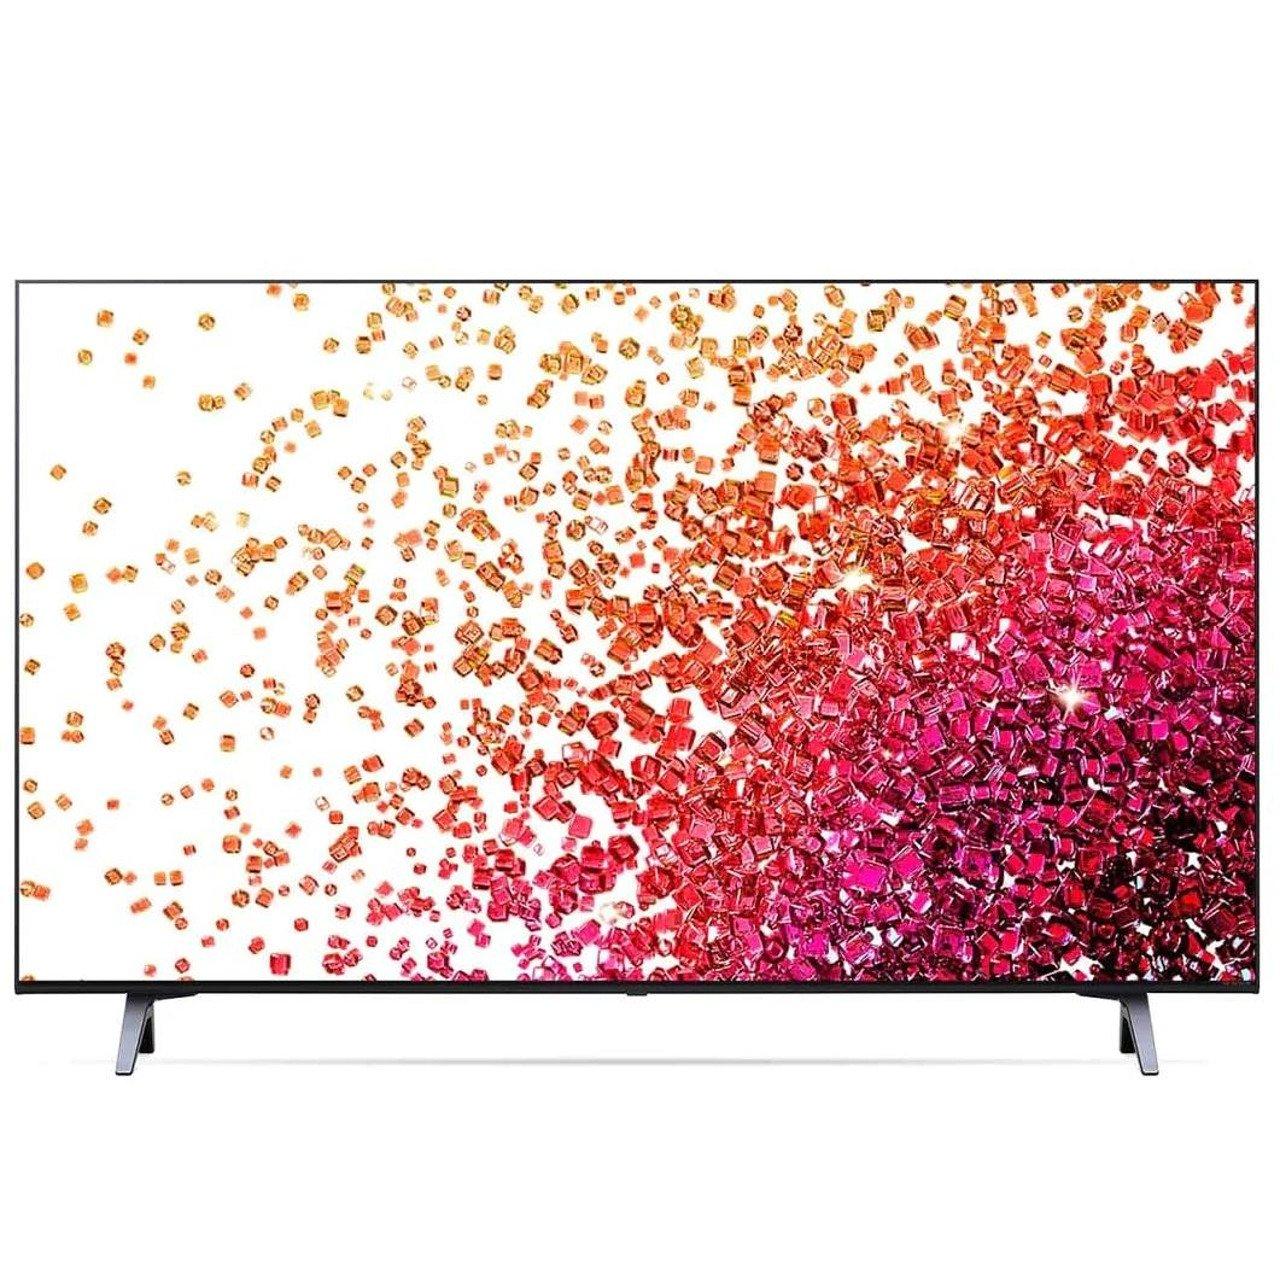 Телевизор LG 50NANO753PR, 127 см, 4K, 50 inch, LED, Smart TV